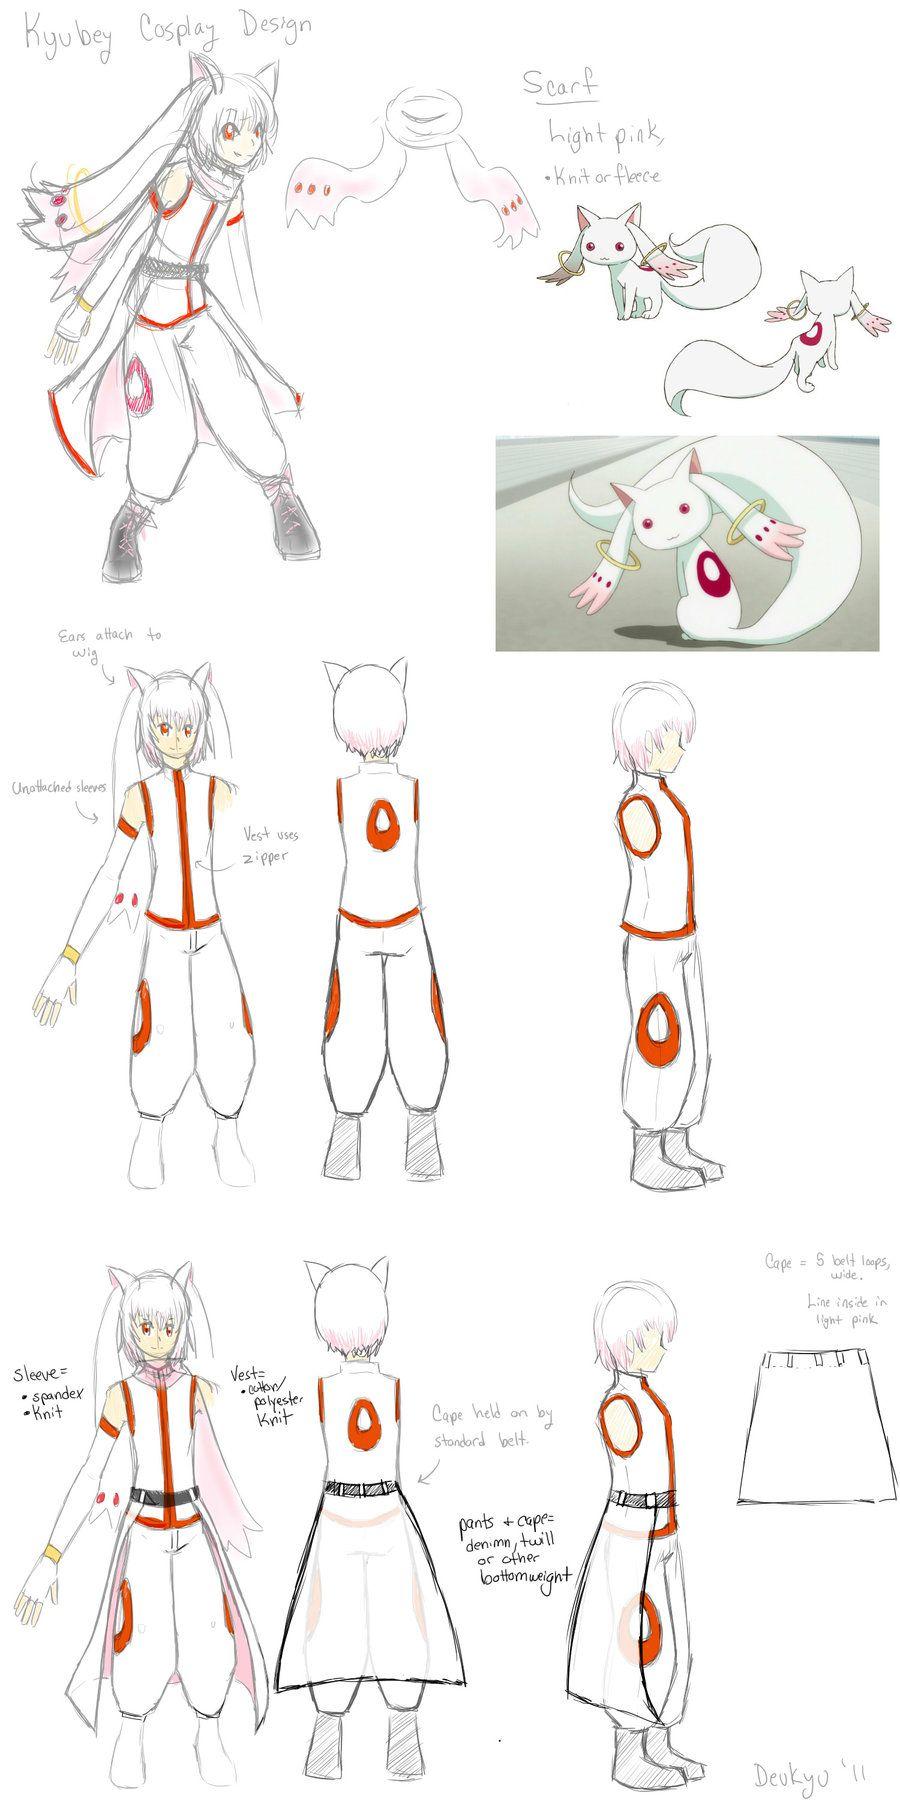 Kyubey Cosplay Design By Devkyu On Deviantart Nerd Crafts